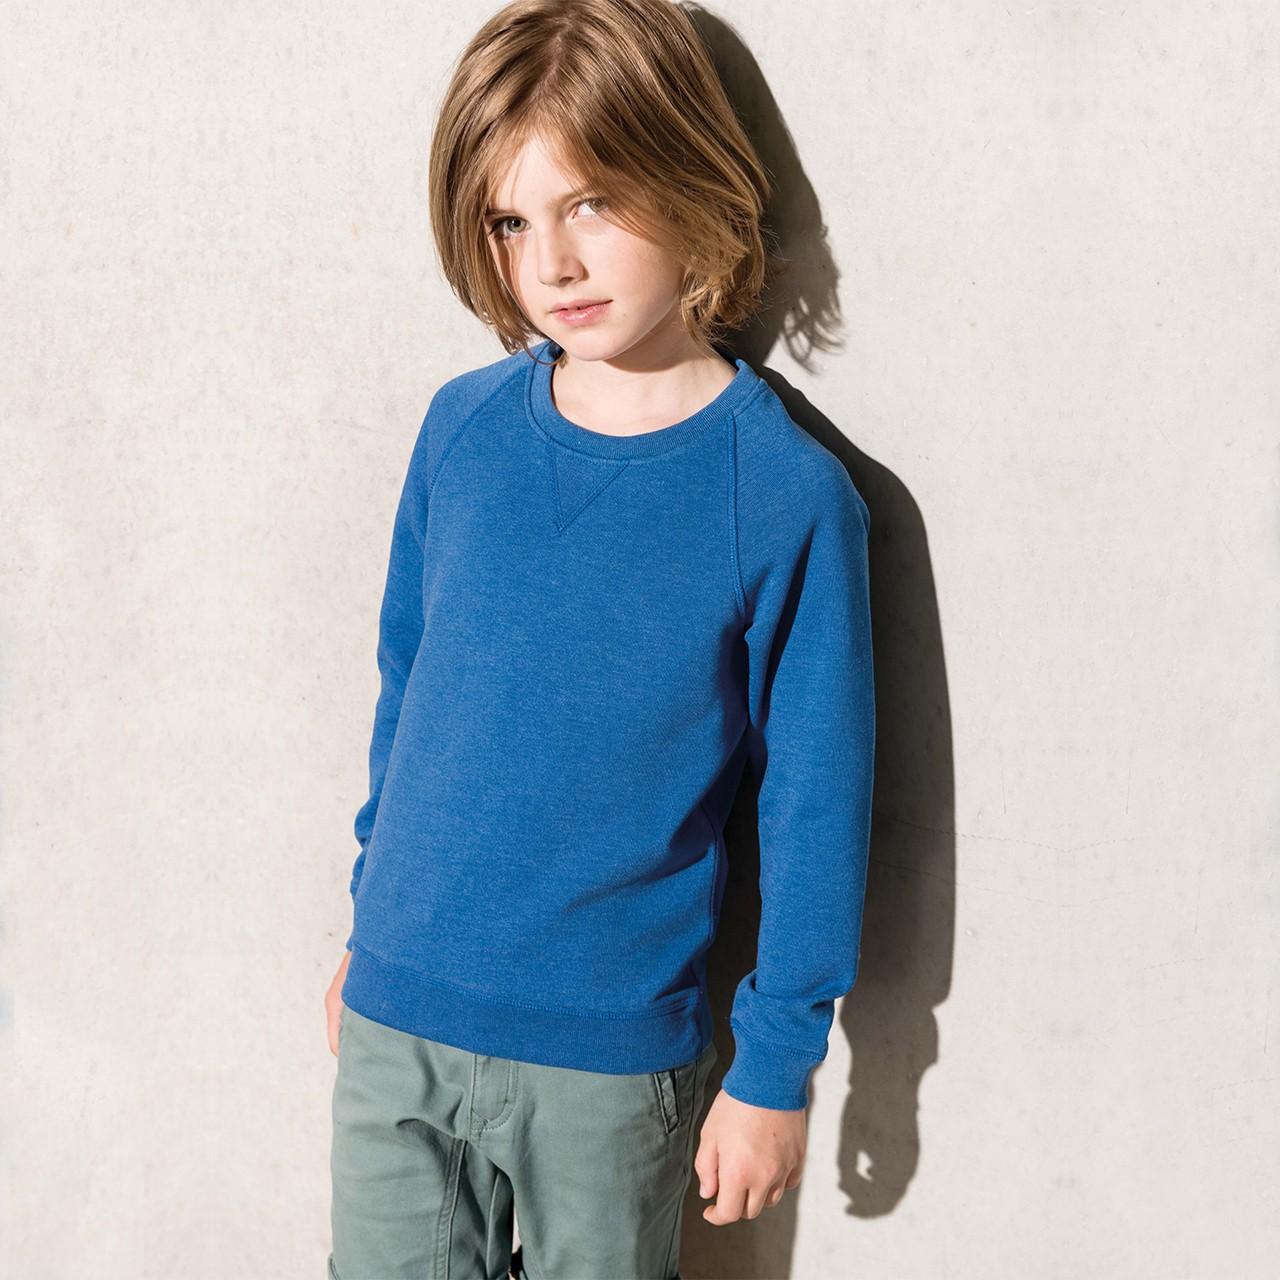 Kinder Sweatshirt aus Bio-Baumwolle Kariban® | bedrucken, besticken, bedrucken lassen, besticken lassen, mit Logo |